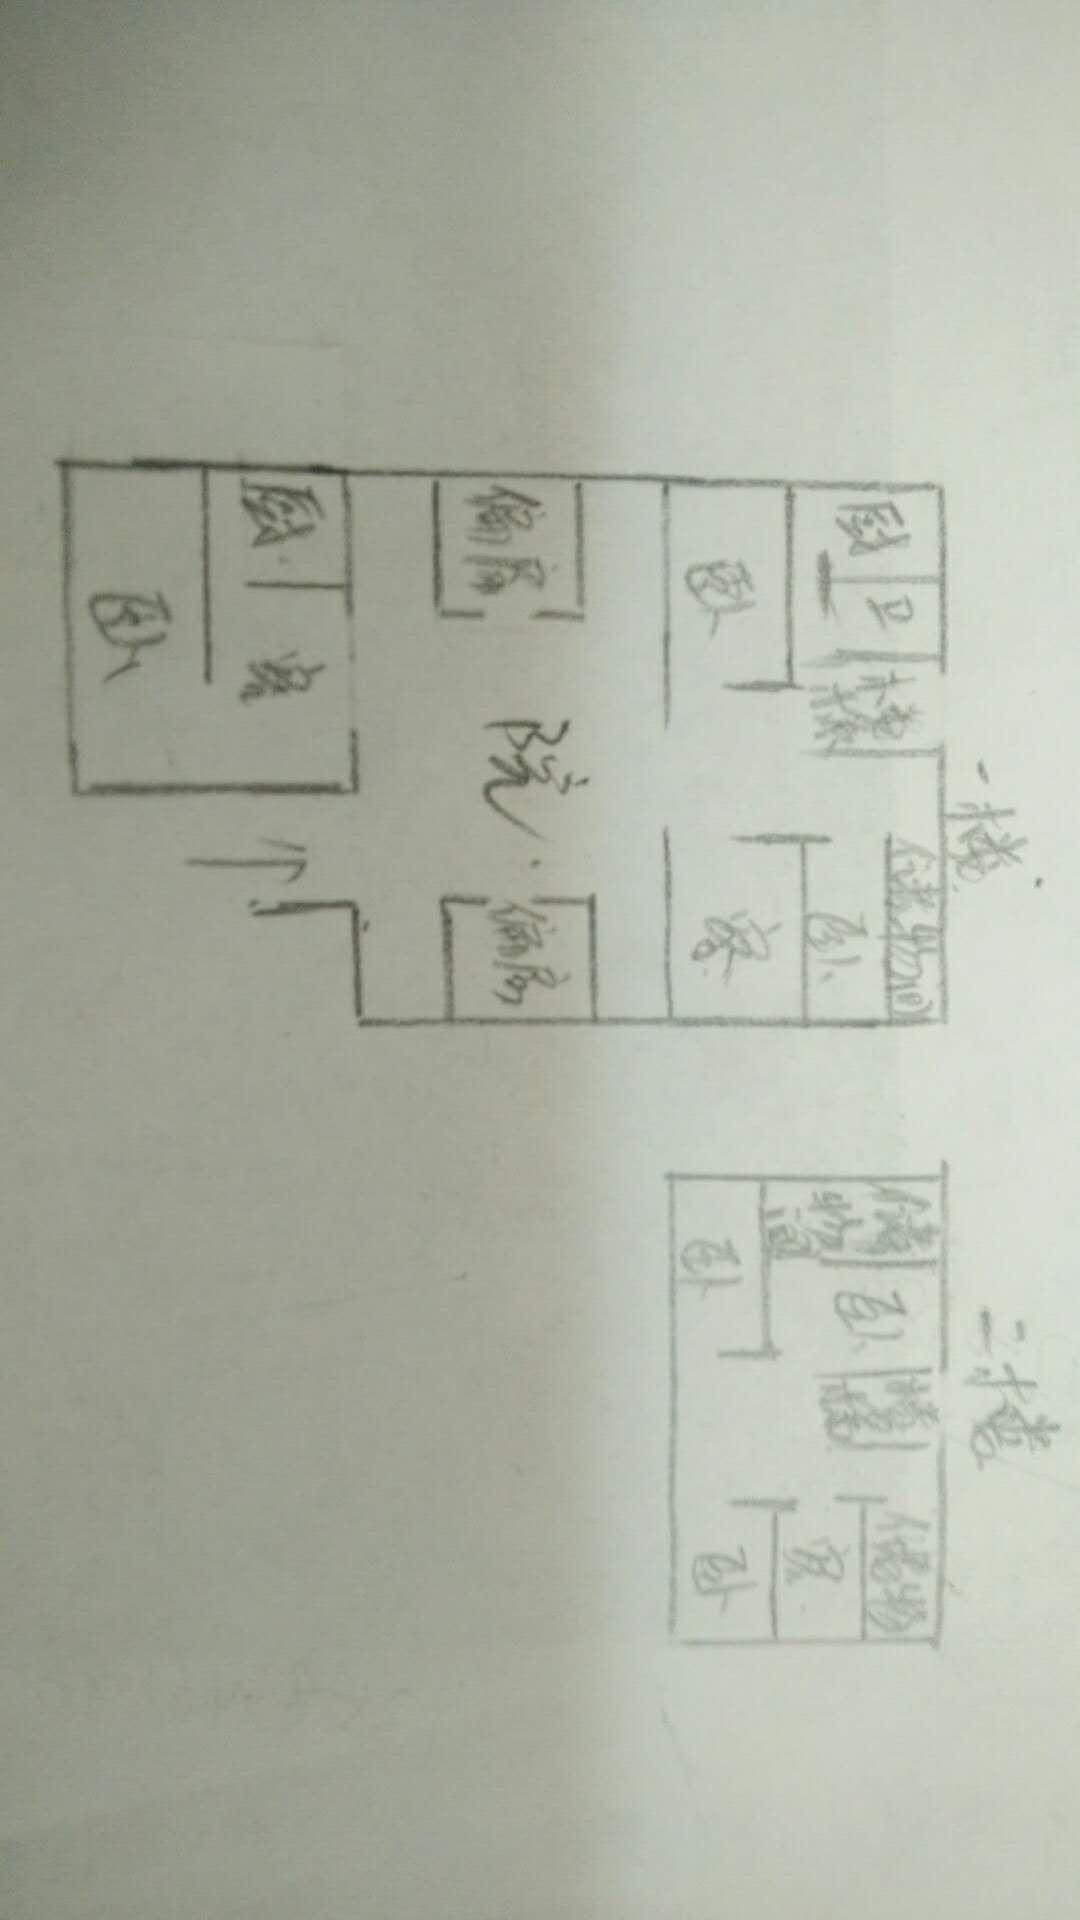 区委宿舍(三八路) 4室2厅 1楼